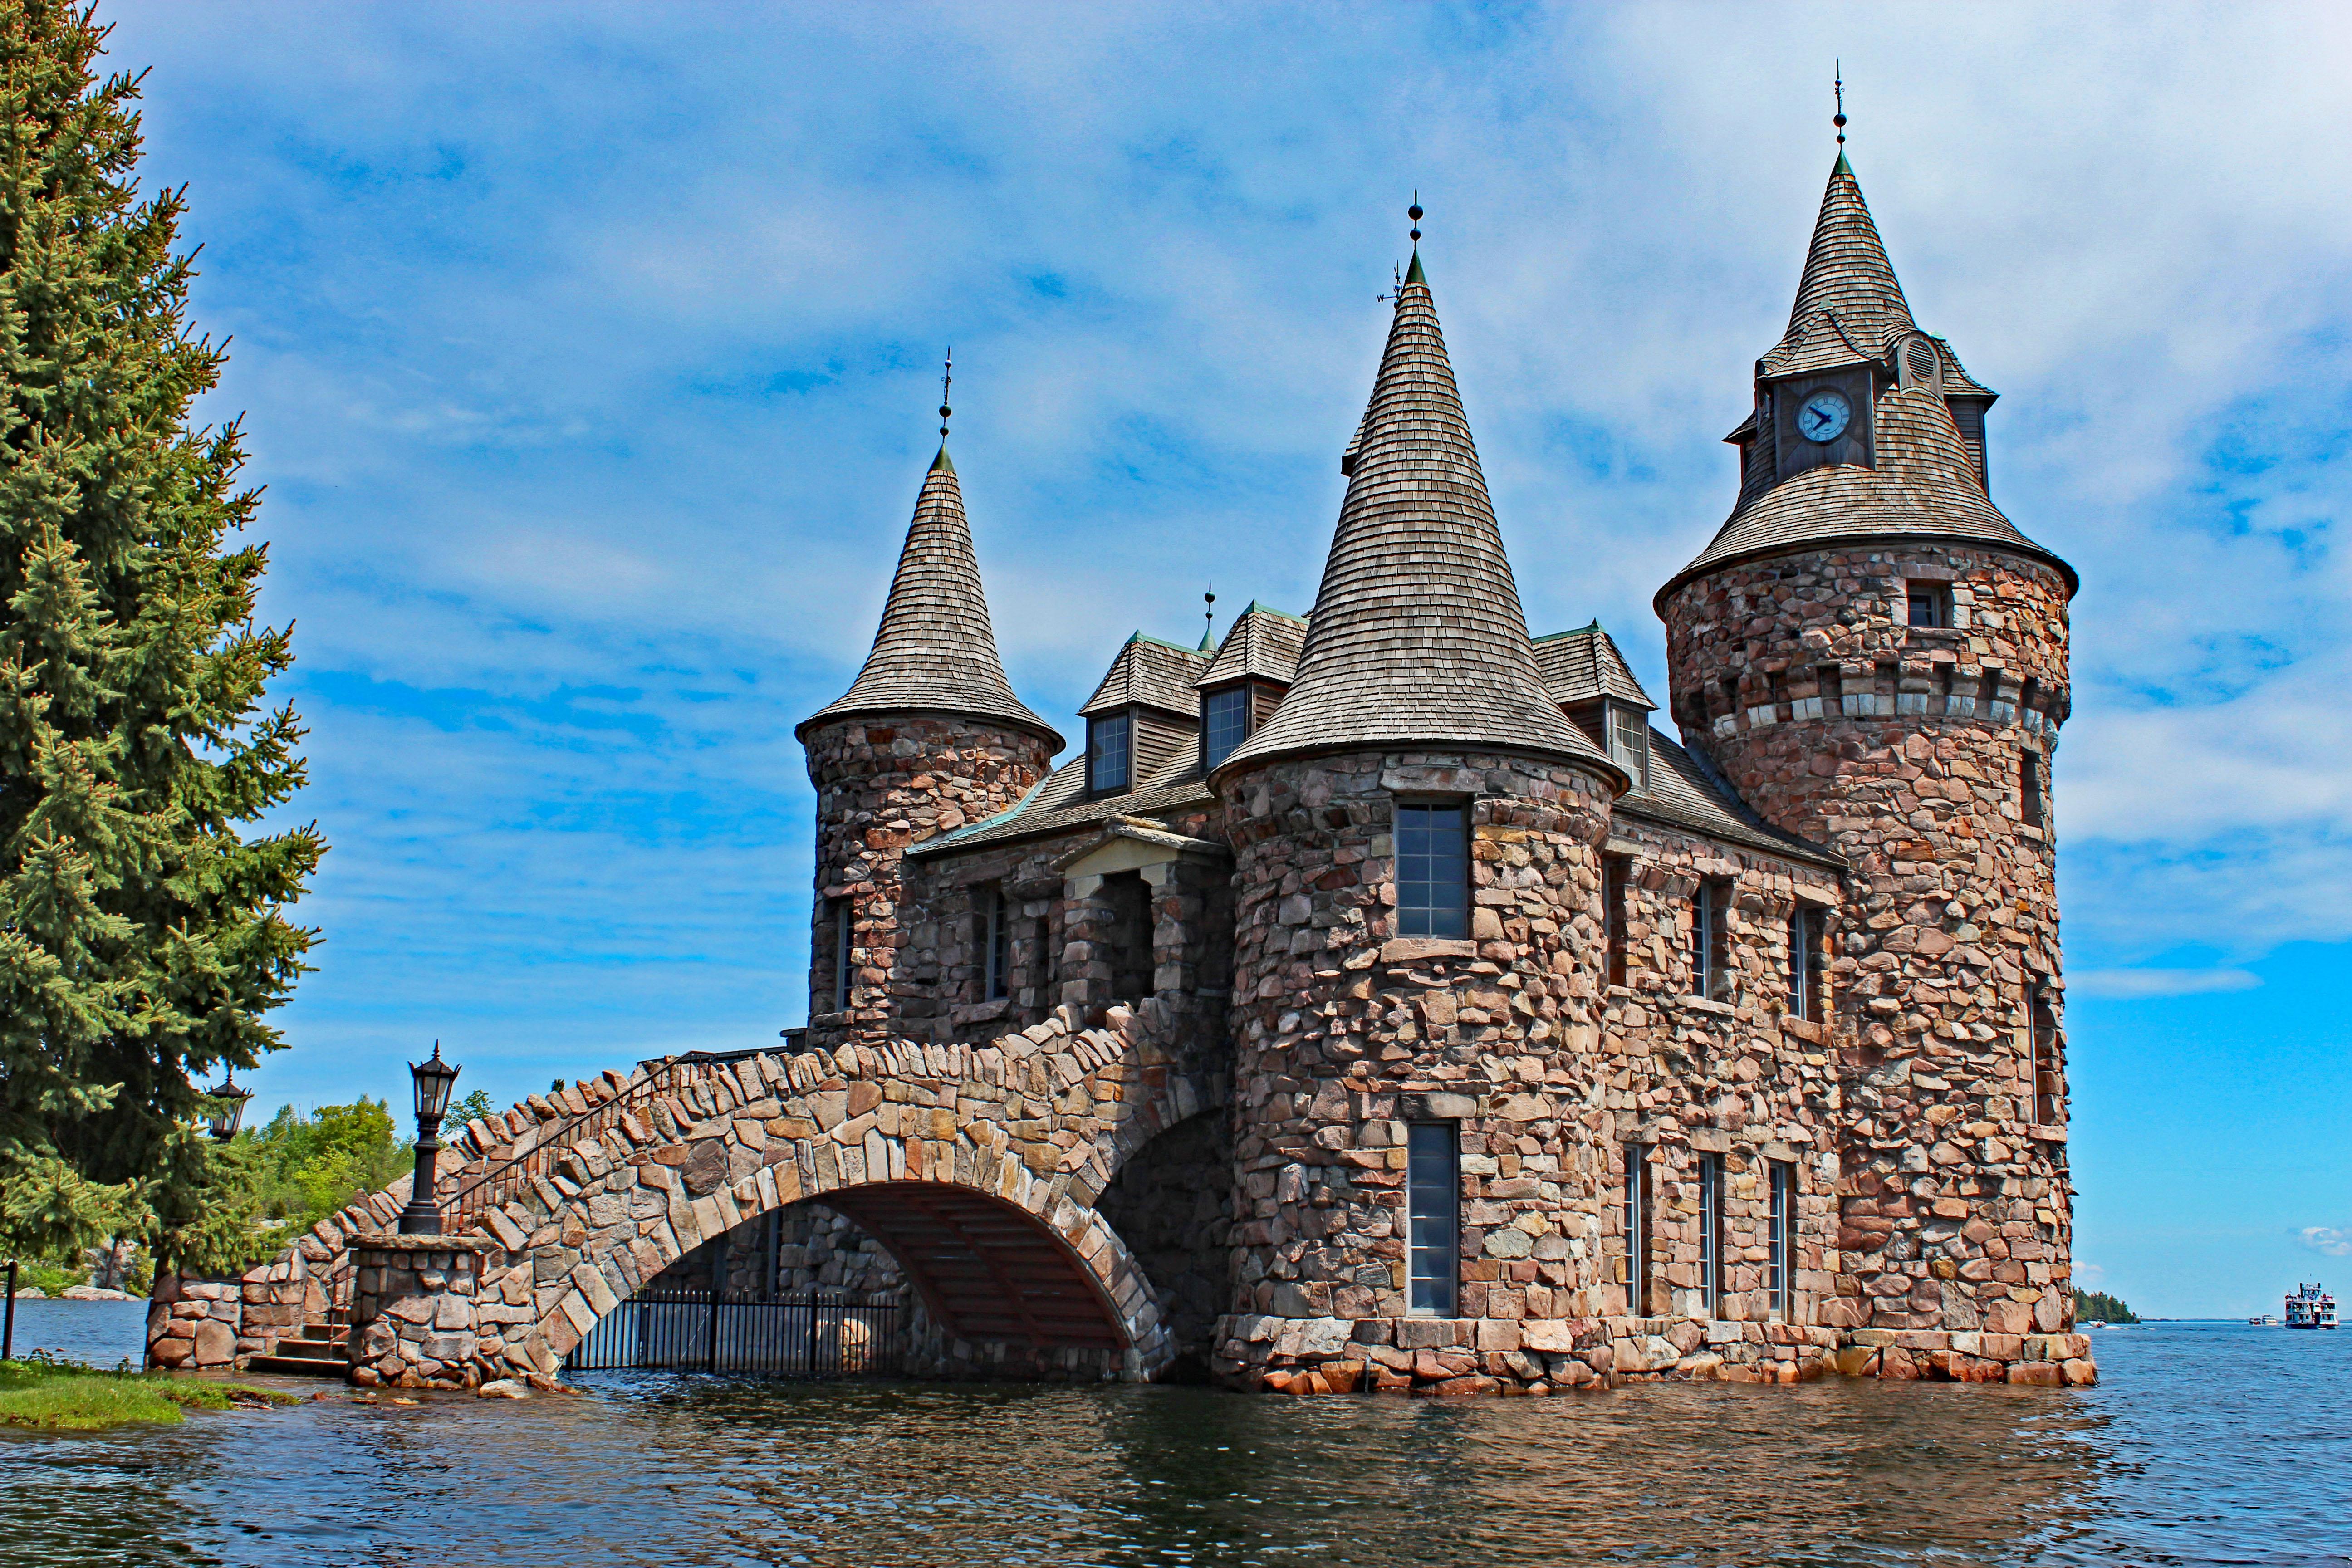 Boldt Castle 1000 Islands Mansion On The St Lawrence